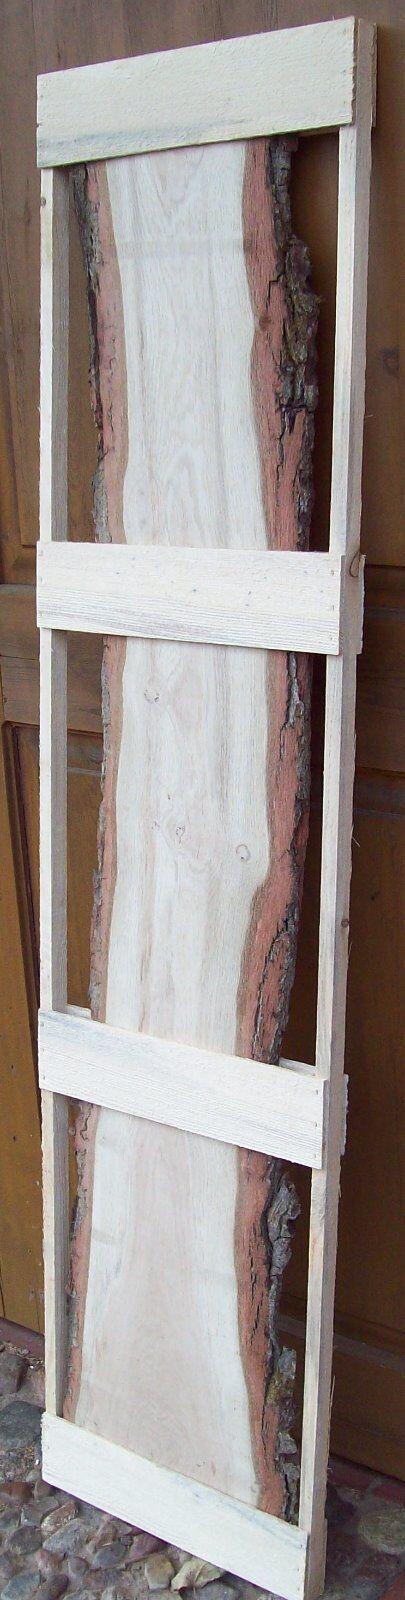 790 Waschtischplatte Eiche Tischplatte Holz Holz Holz Massiv 57mm x 29-43cm x 107cm | eine breite Palette von Produkten  | Verrückte Preis  | Angenehmes Gefühl  | Schön  1deef6